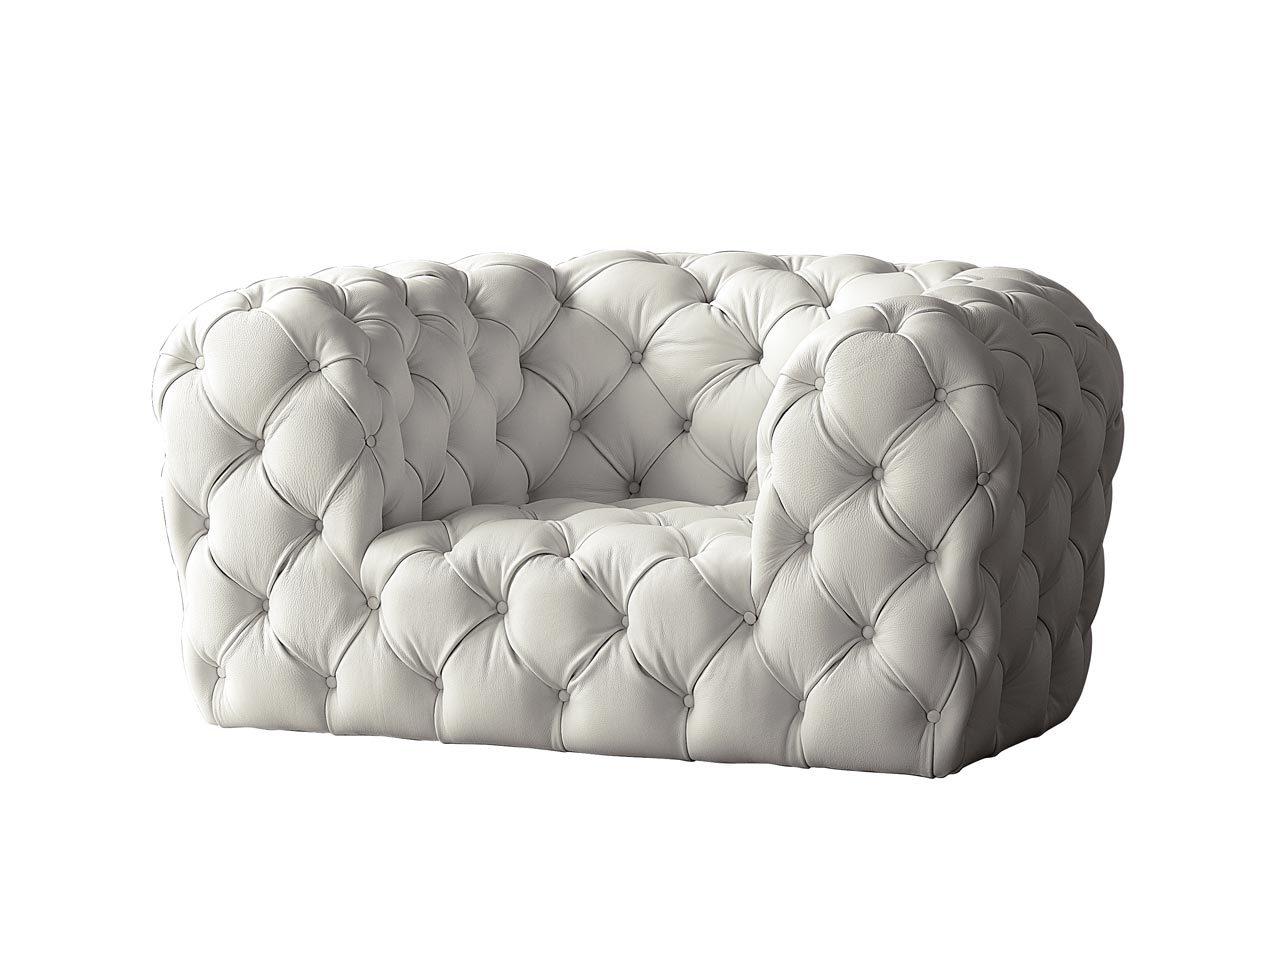 Chester Moon canapé en cuir design Paola Navone pour Baxter